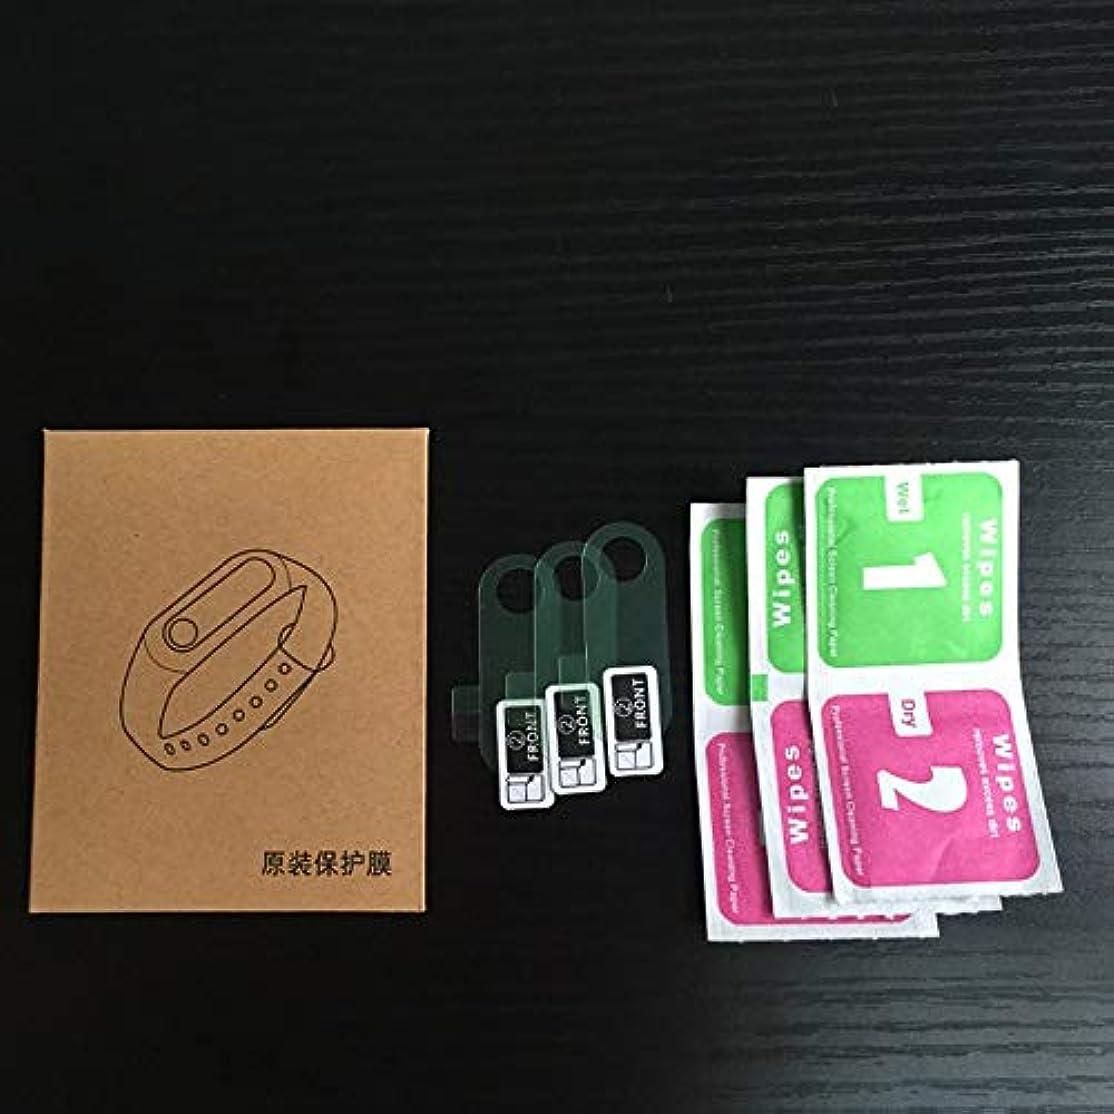 彼らのもの容疑者予算Xiao Mi Mi Band 3インテリジェントカバーブレスレットフルテンパーブレスレット保護ガラスフィルム用スクリーンプロテクターフィルム